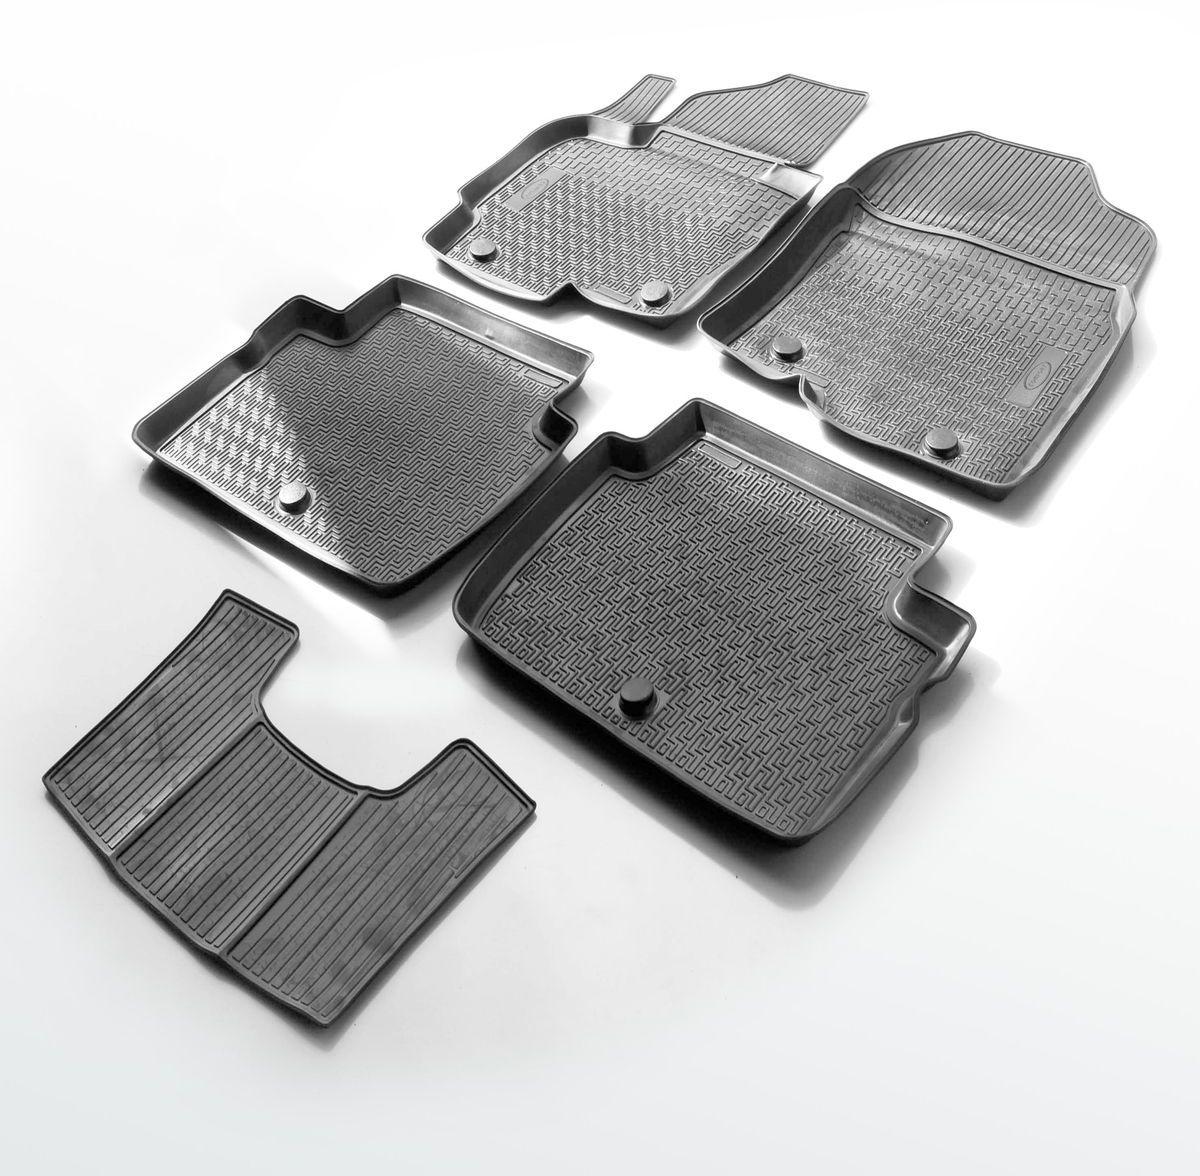 Коврики салона Rival для Renault Kaptur 2016-, c перемычкой, полиуретан0014707001Прочные и долговечные коврики Rival в салон автомобиля, изготовлены из высококачественного и экологичного сырья, полностью повторяют геометрию салона вашего автомобиля. - Надежная система крепления, позволяющая закрепить коврик на штатные элементы фиксации, в результате чего отсутствует эффект скольжения по салону автомобиля. - Высокая стойкость поверхности к стиранию. - Специализированный рисунок и высокий борт, препятствующие распространению грязи и жидкости по поверхности коврика. - Перемычка задних ковриков в комплекте предотвращает загрязнение тоннеля карданного вала. - Произведены из первичных материалов, в результате чего отсутствует неприятный запах в салоне автомобиля. - Высокая эластичность, можно беспрепятственно эксплуатировать при температуре от -45 ?C до +45 ?C. Уважаемые клиенты! Обращаем ваше внимание, что коврики имеет форму соответствующую модели данного автомобиля. Фото служит для визуального восприятия товара.